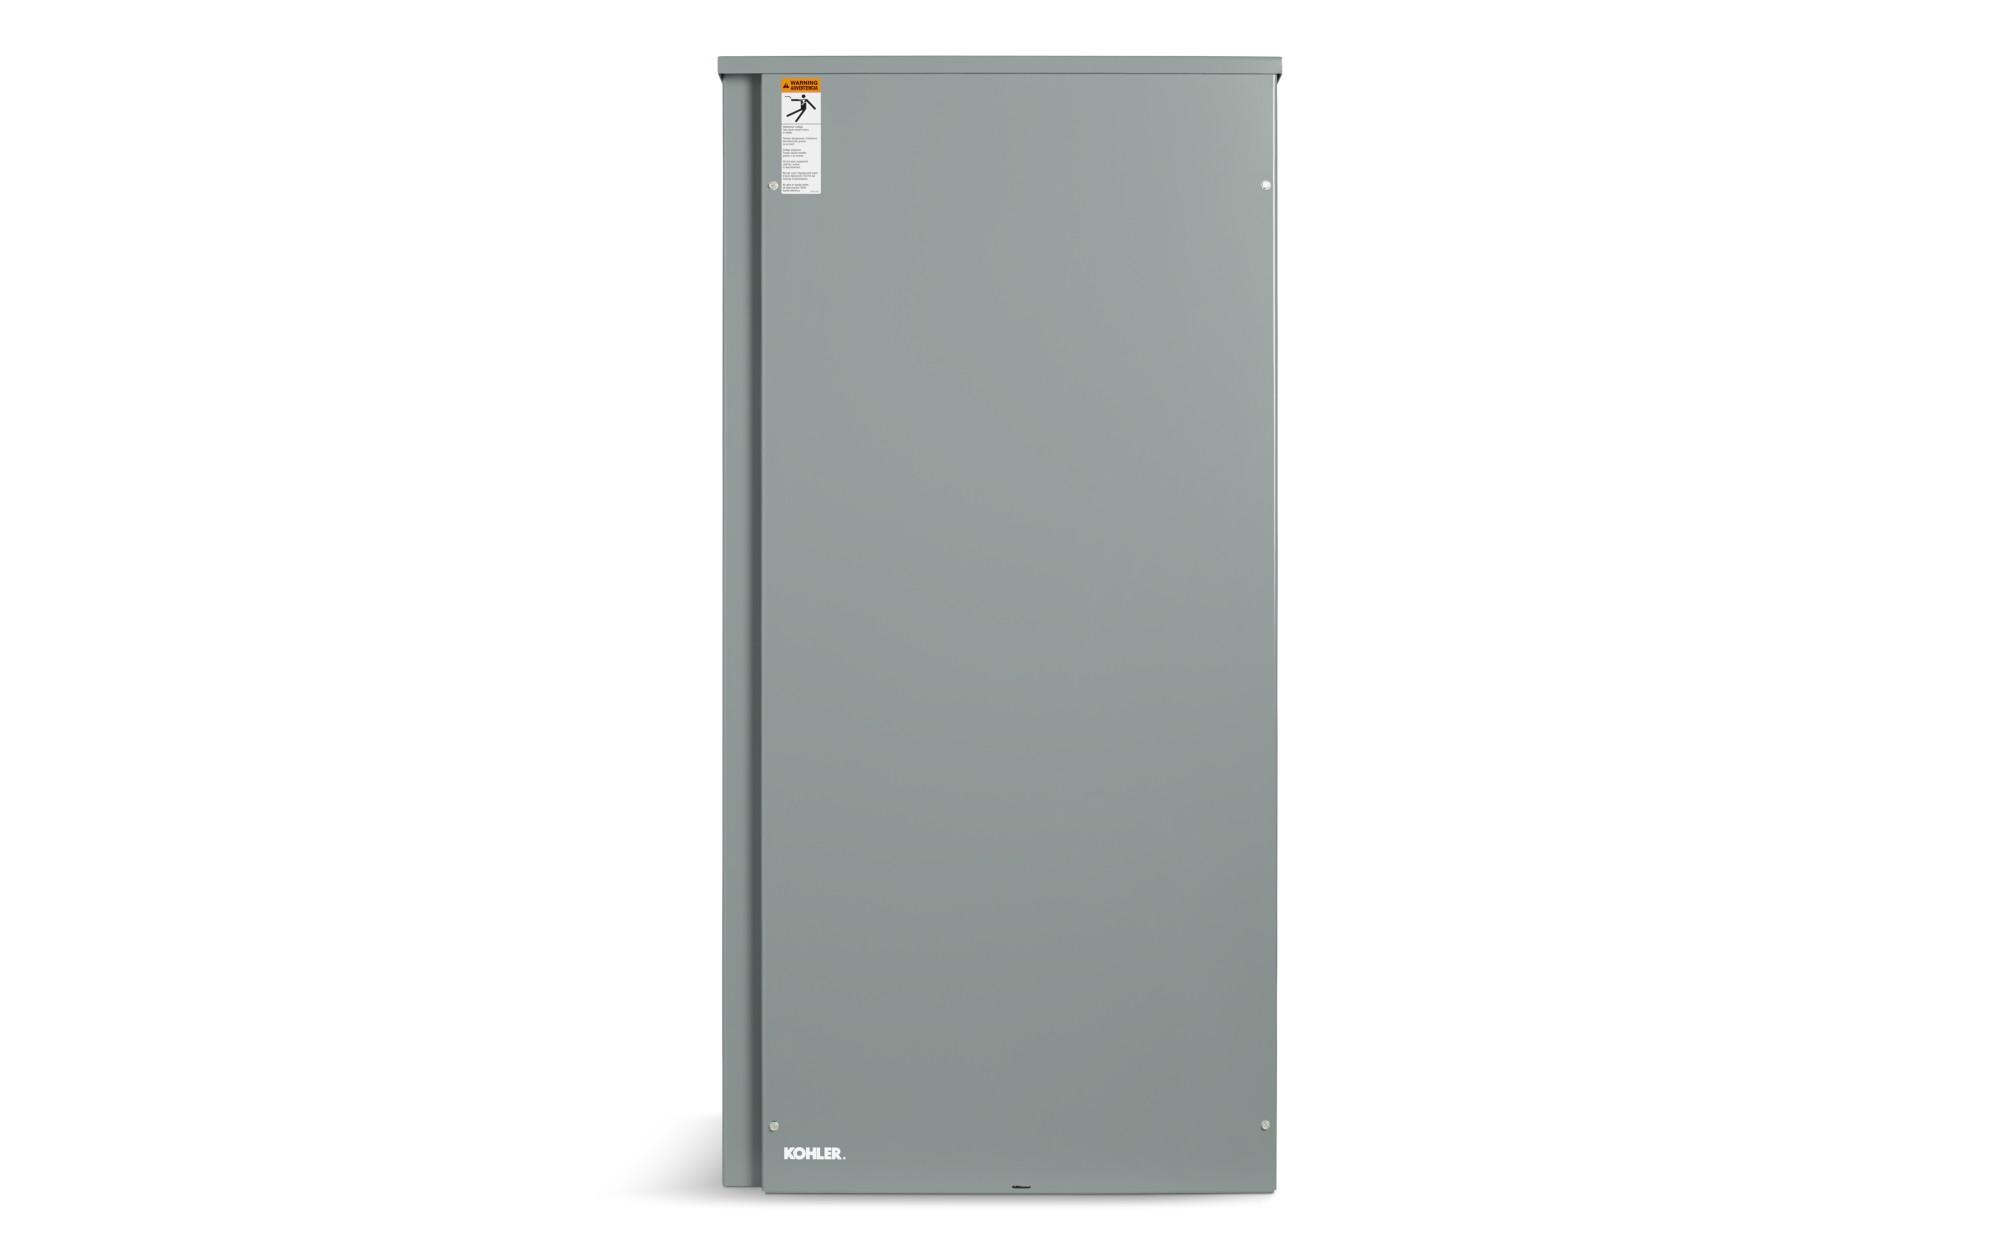 RXT ATS - 400-amp, Three Phase/3 Pole, 480V